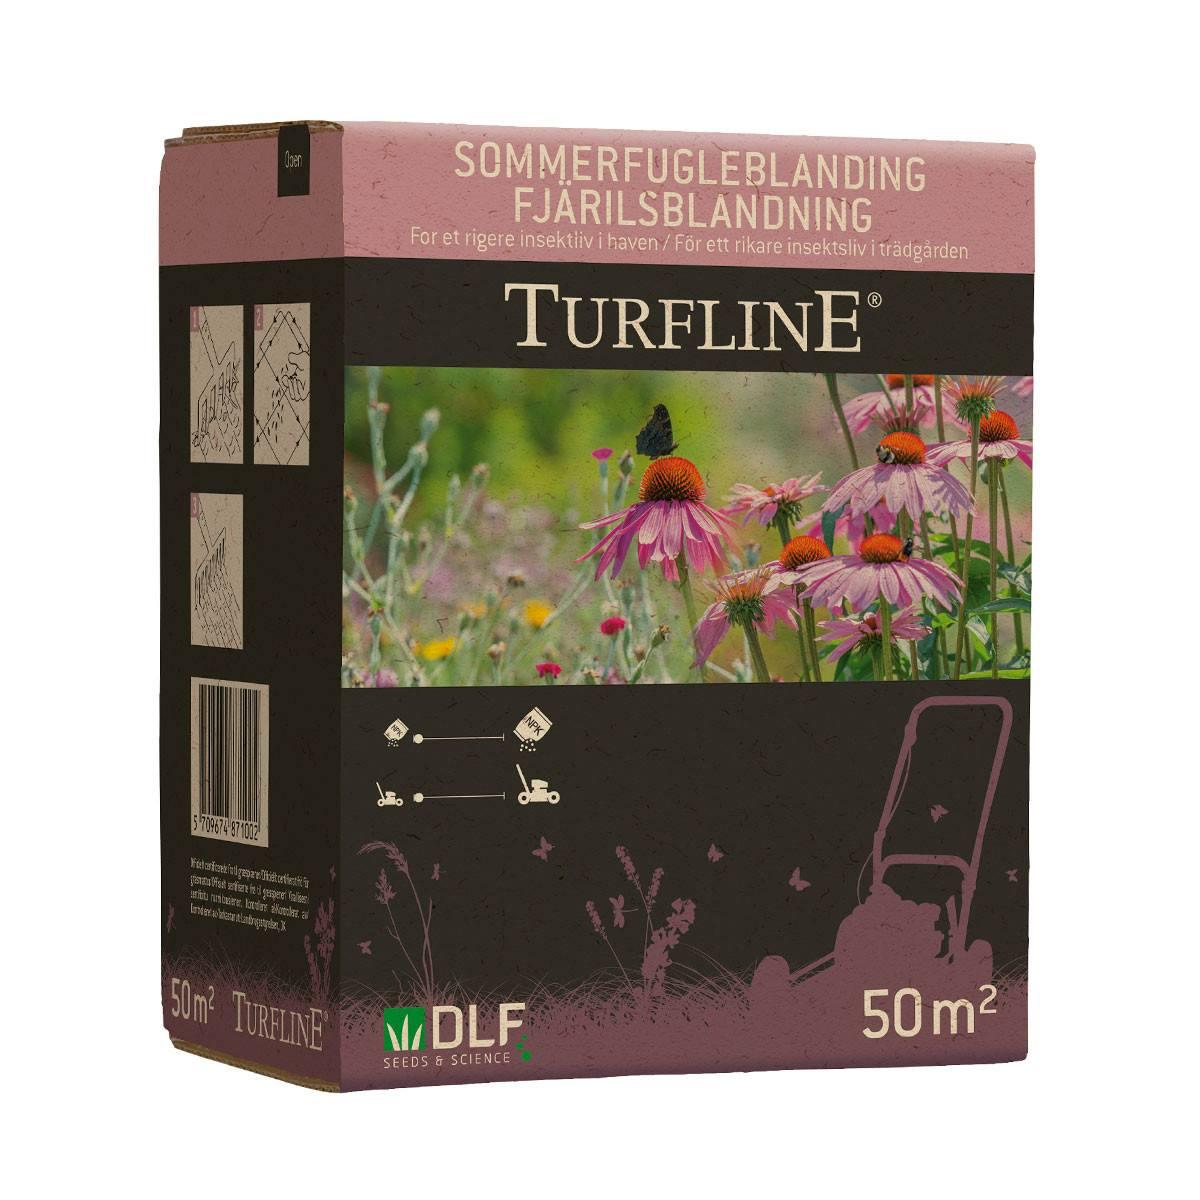 Turfline Sommerfugleblanding